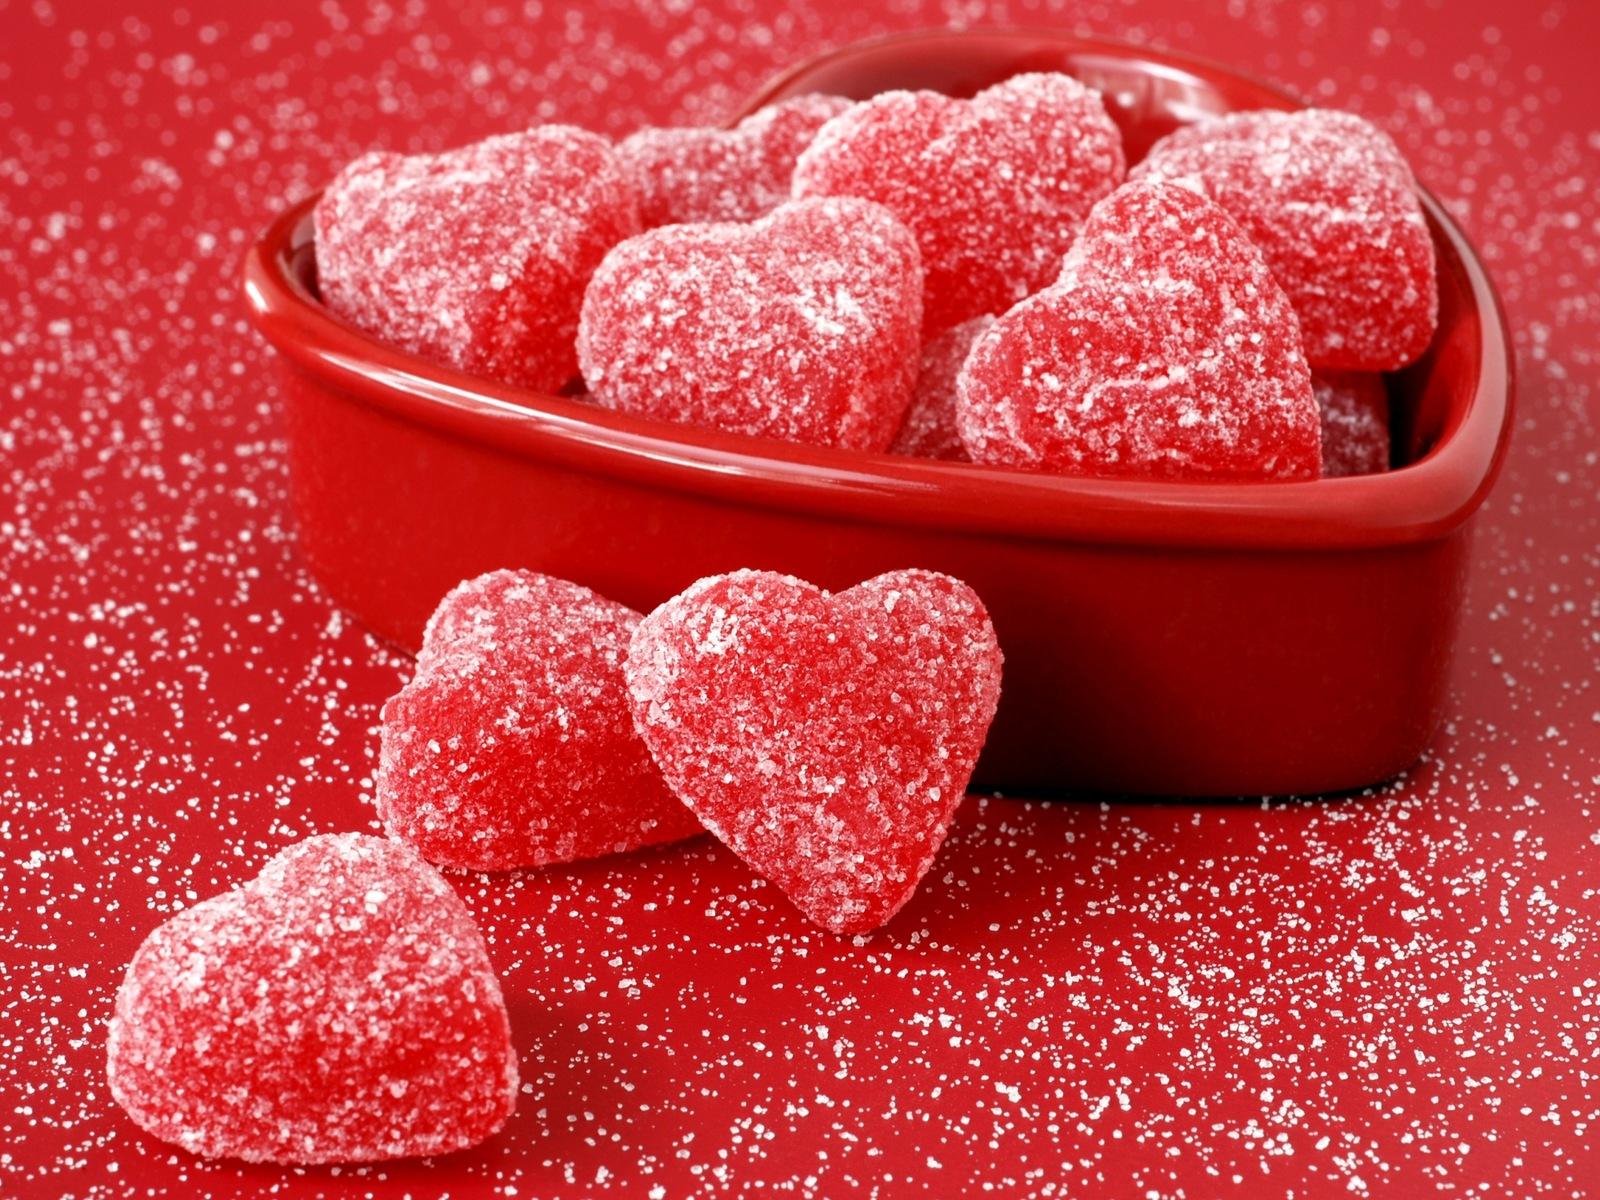 Srce srcu 703b2b6f626e06e69c1c6-1600